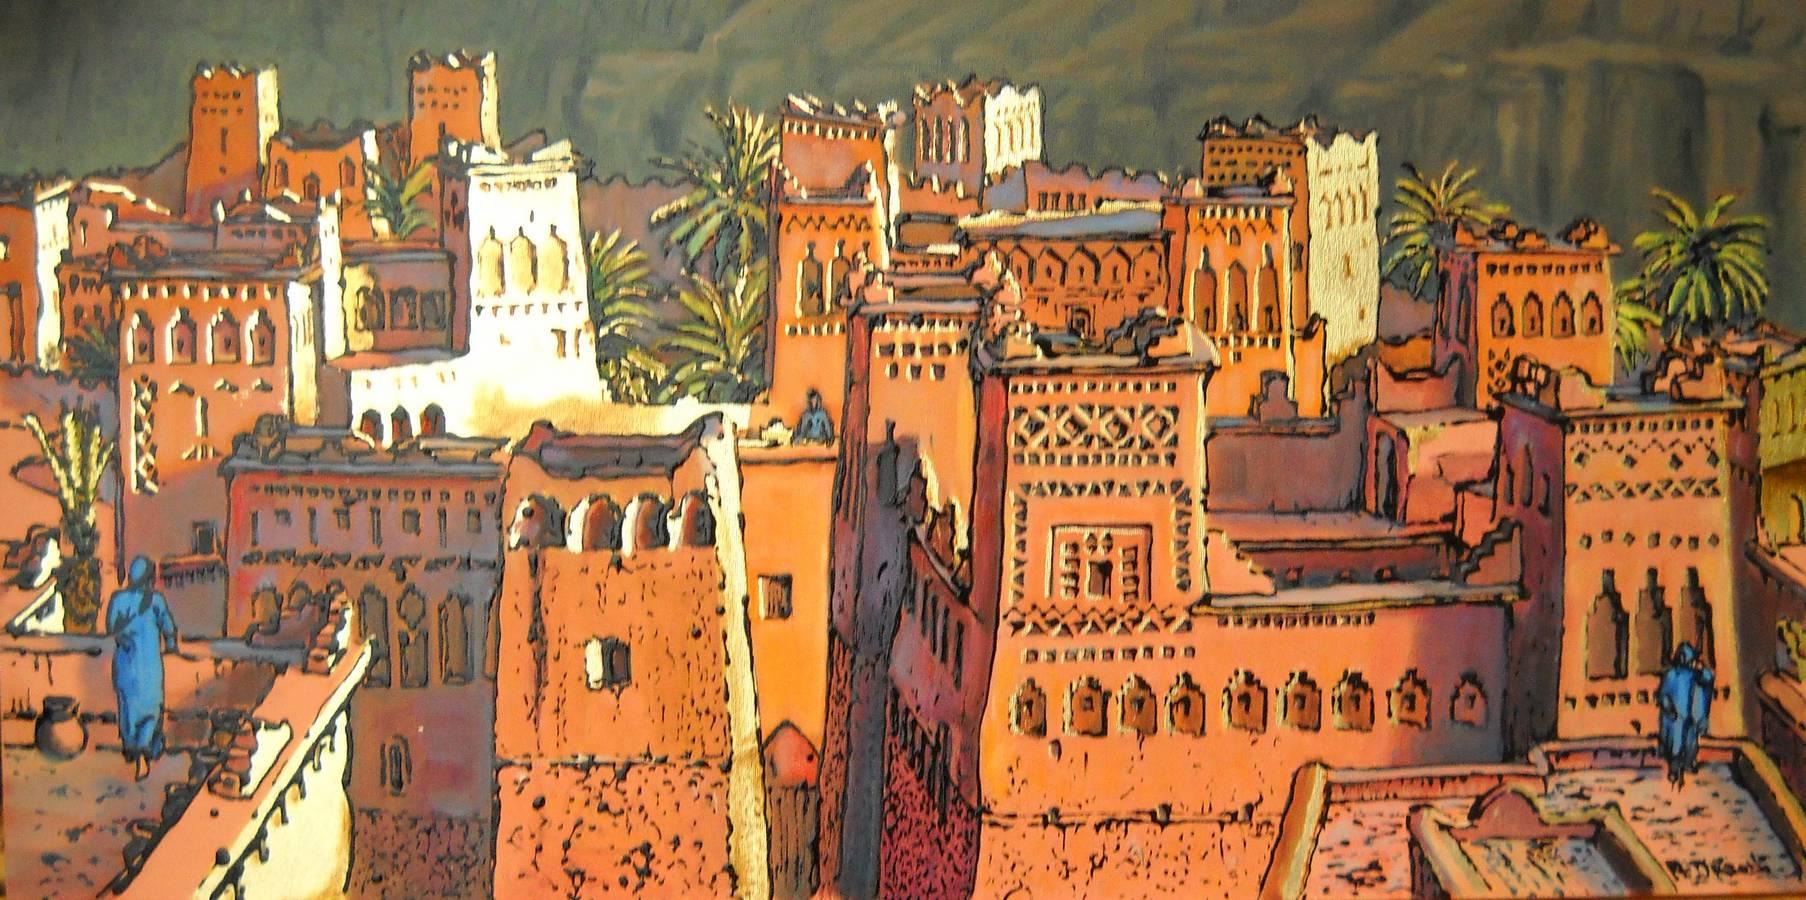 casbah tetti - 100x50 - acrylic and glaze on canvas - 2011